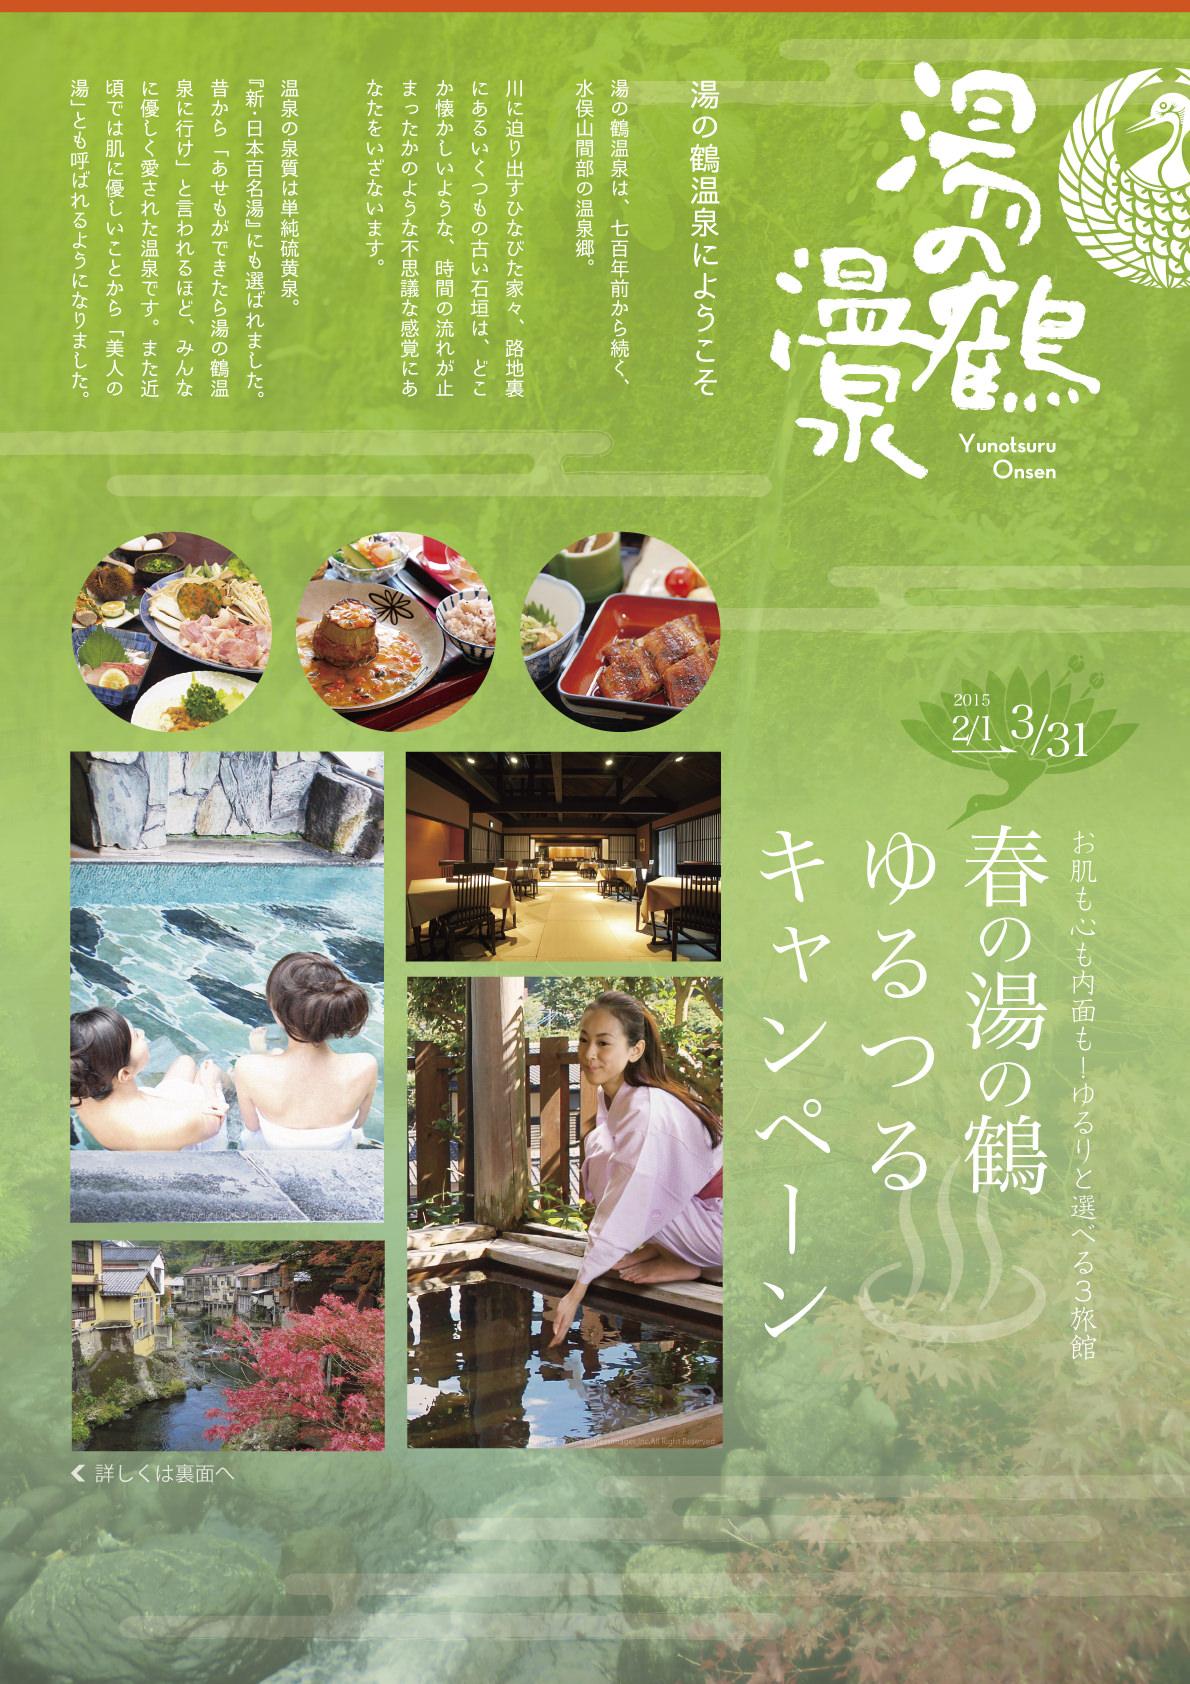 水俣市・春の湯の鶴ゆるつるキャンペーン